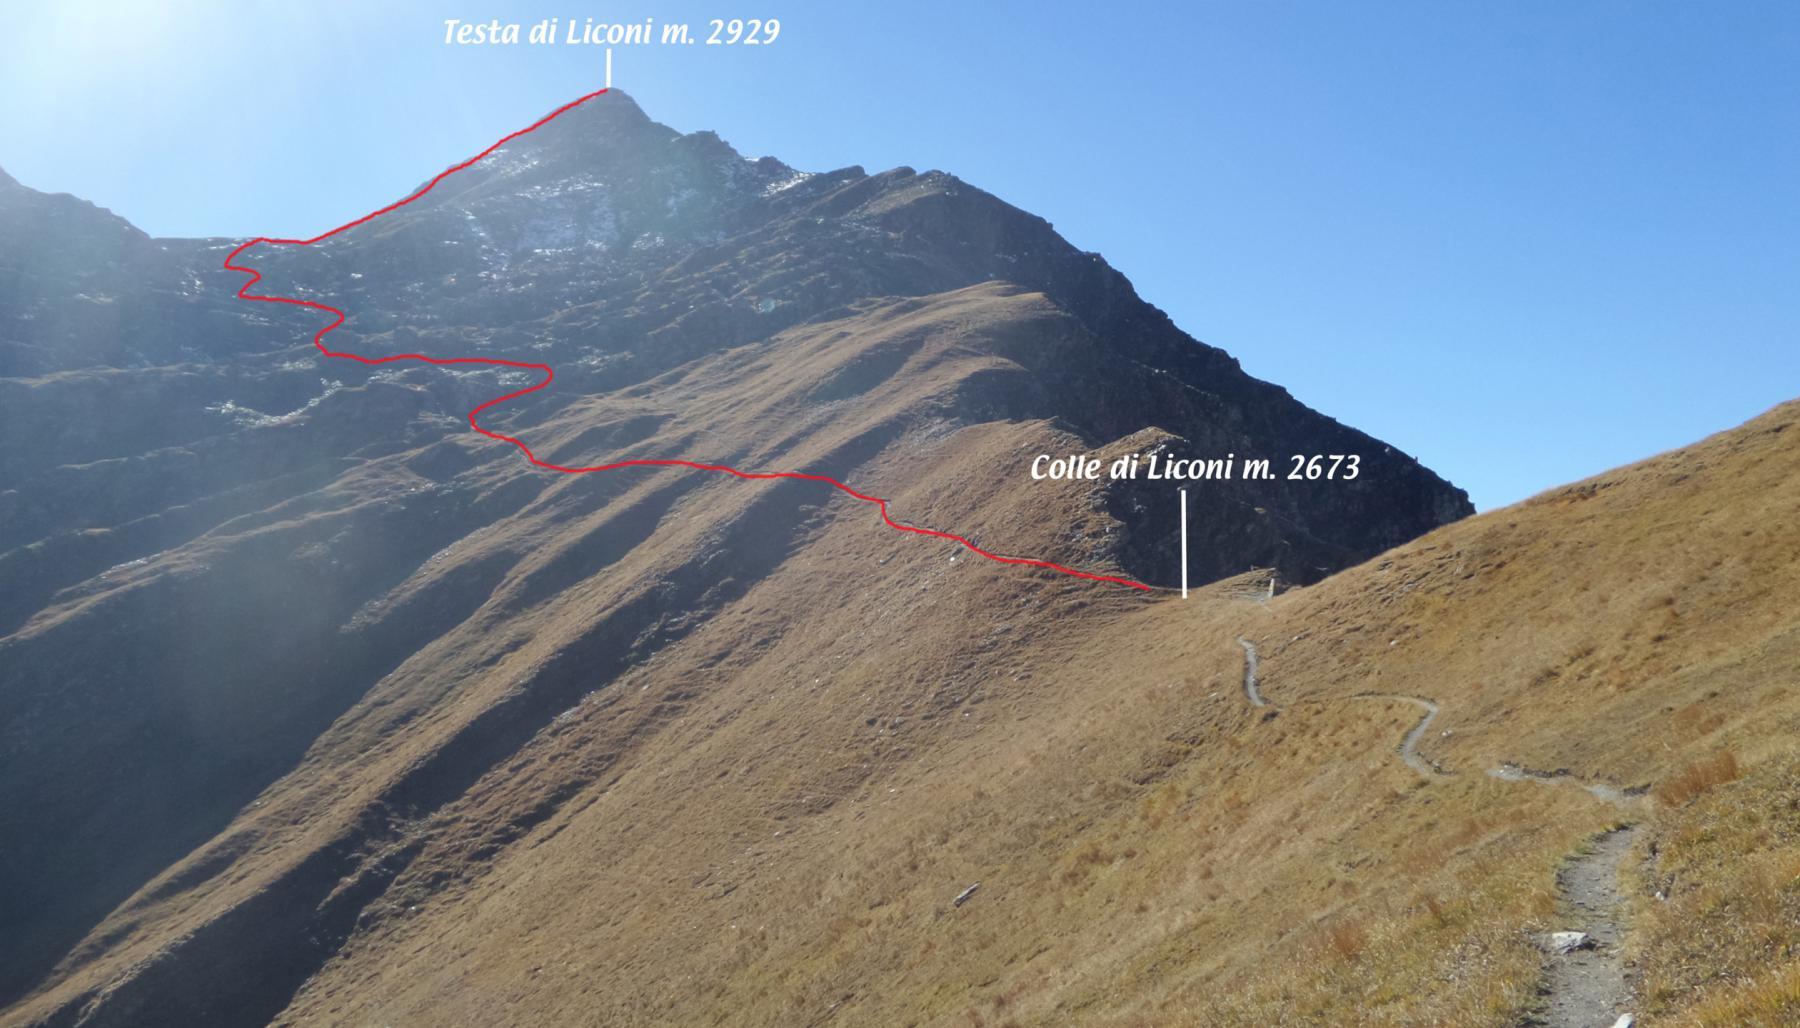 il tracciato della parte alta della via di salita visto dal sentiero che porta al Colle di Liconi